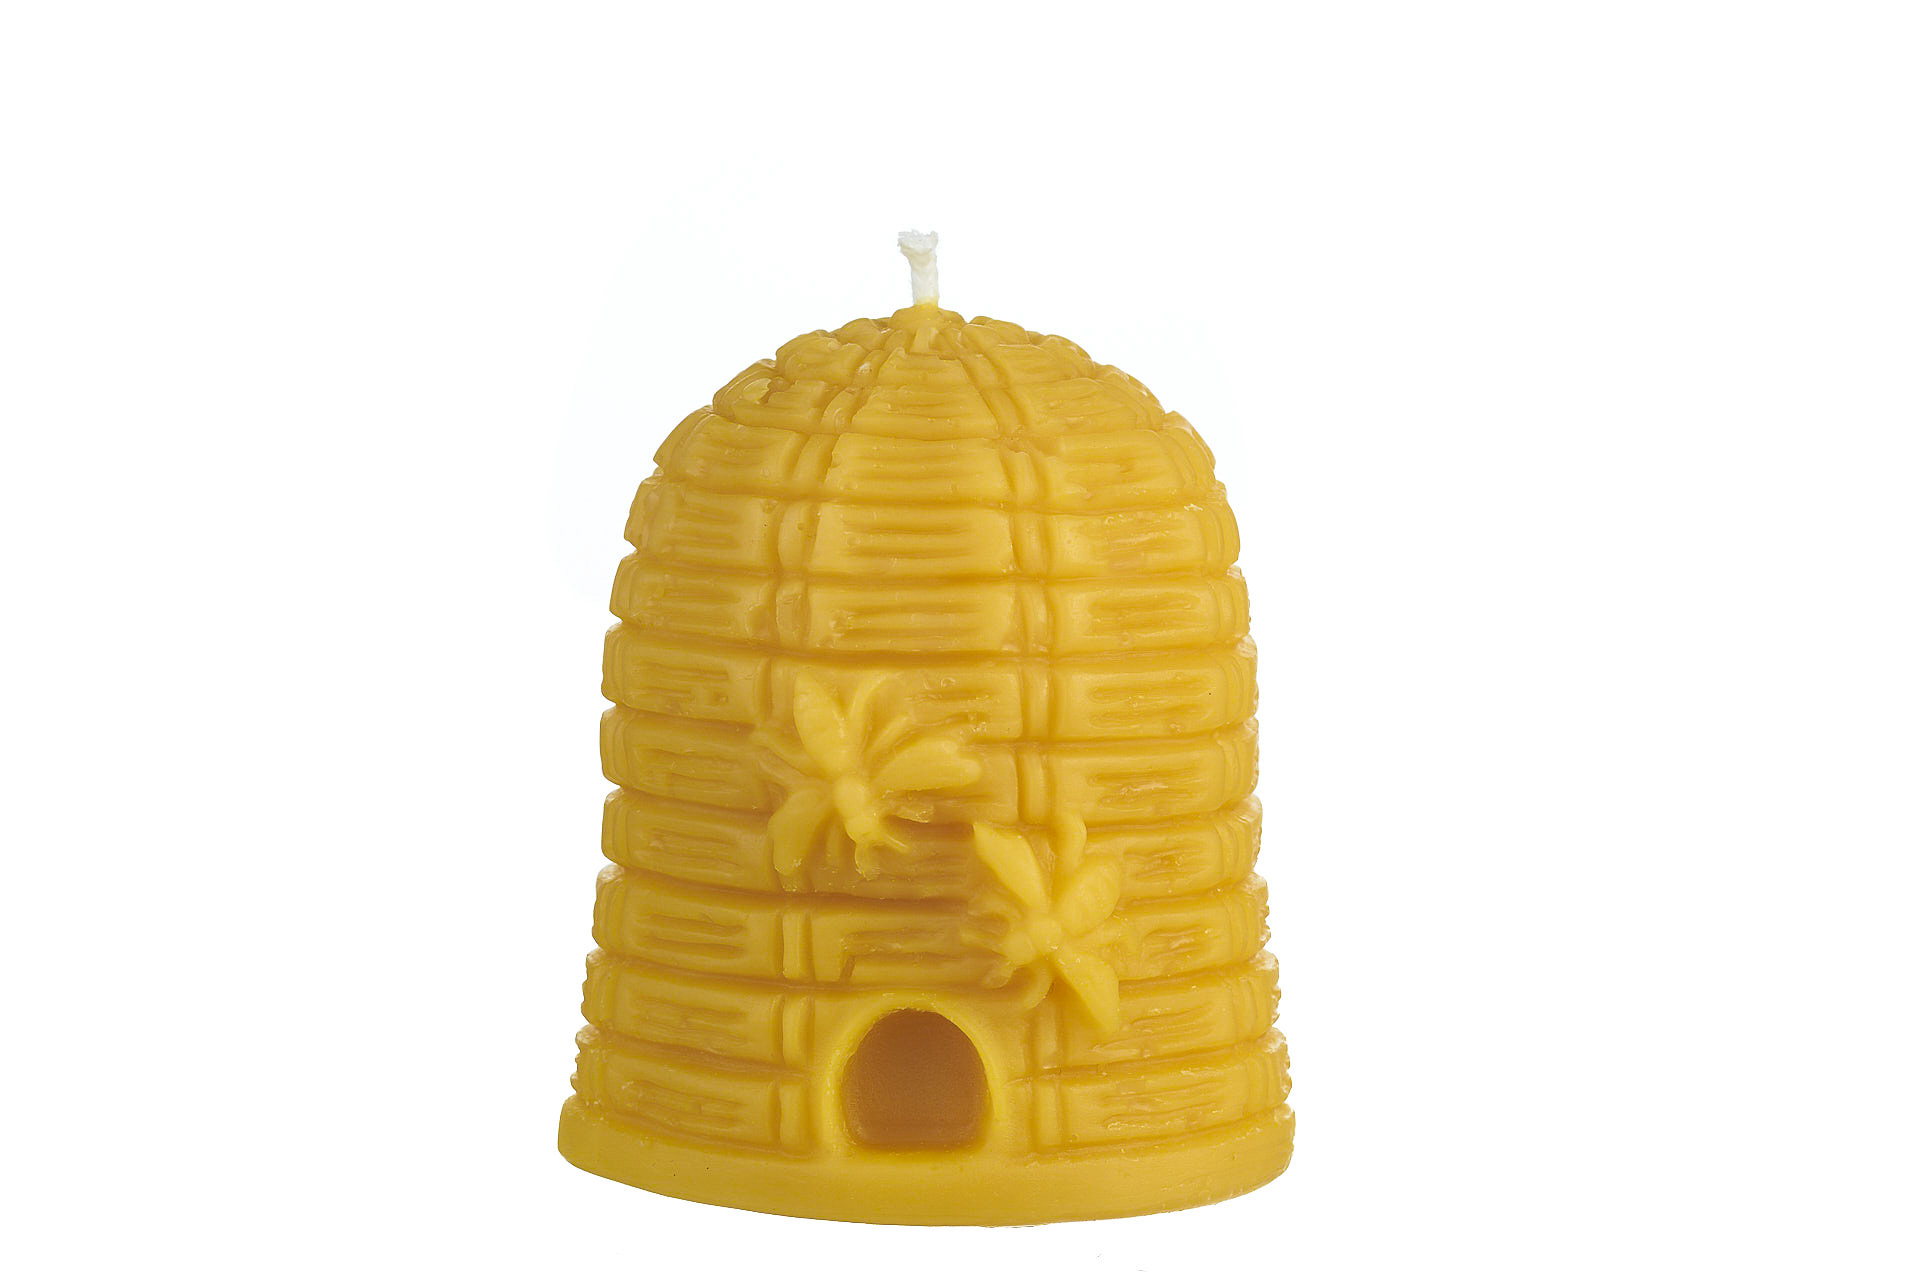 Bienenkorb groß (Höhe ca. 9cm) aus 100% Bienenwachs vom Imker